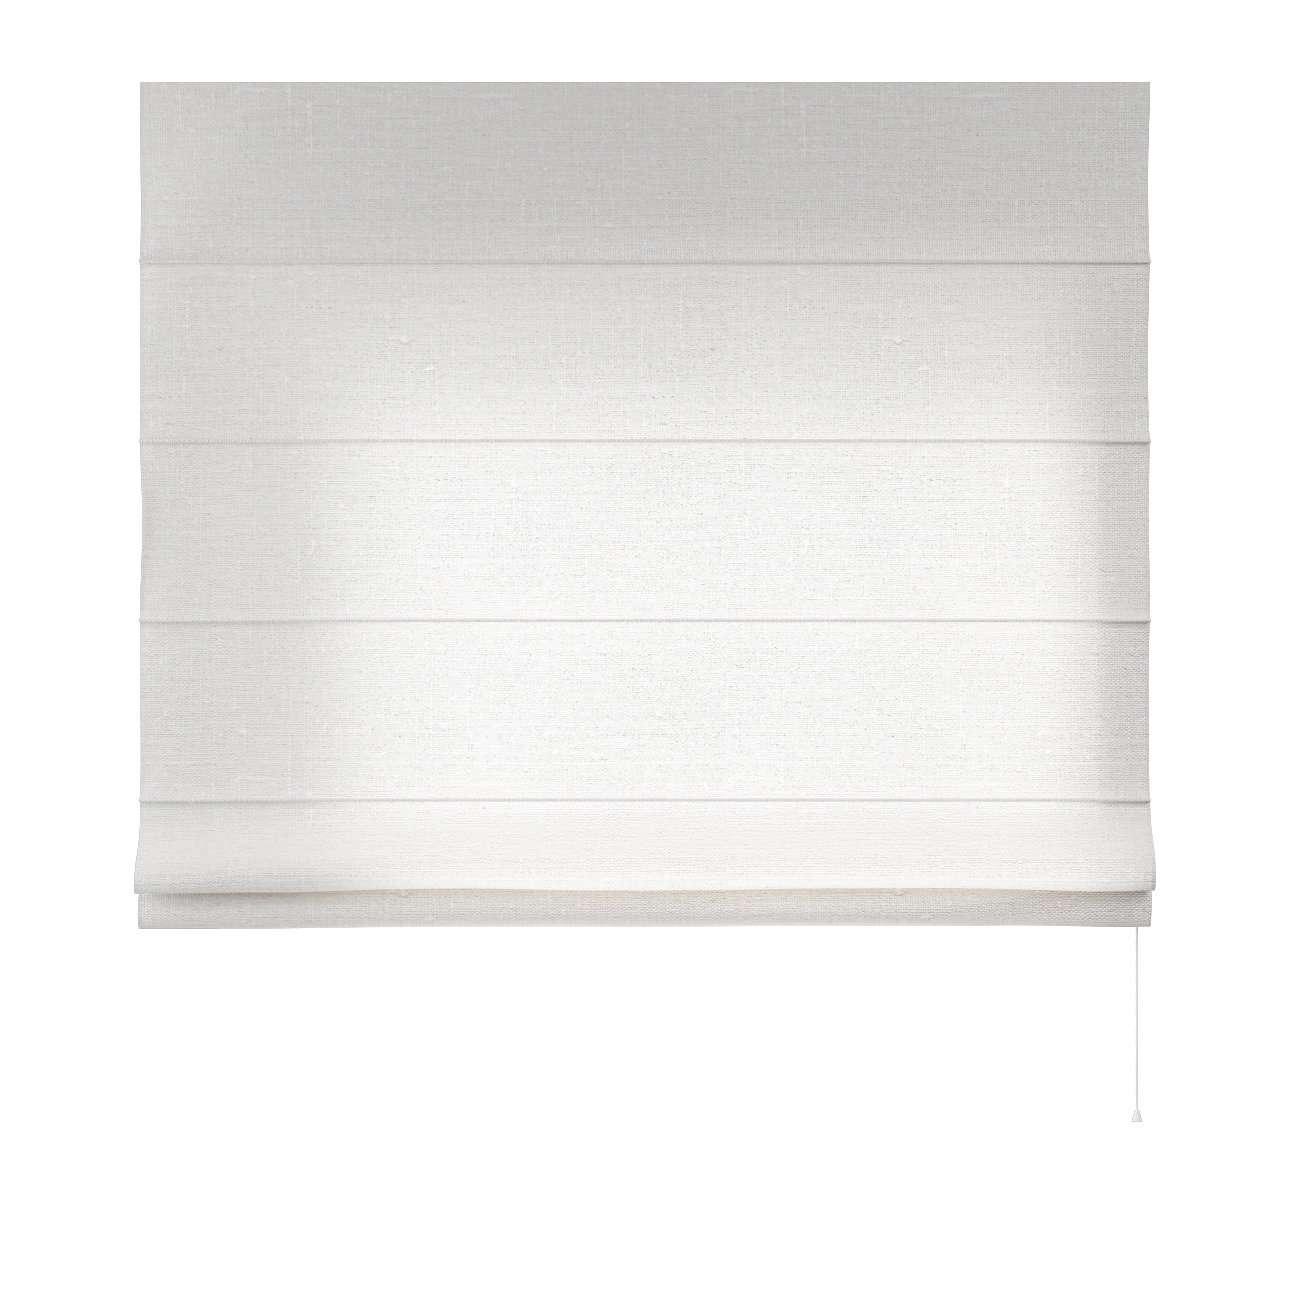 Capri raffrolók szél: 80 x magasság: 170 cm a kollekcióból Lakástextil Leinen, Dekoranyag: 392-04